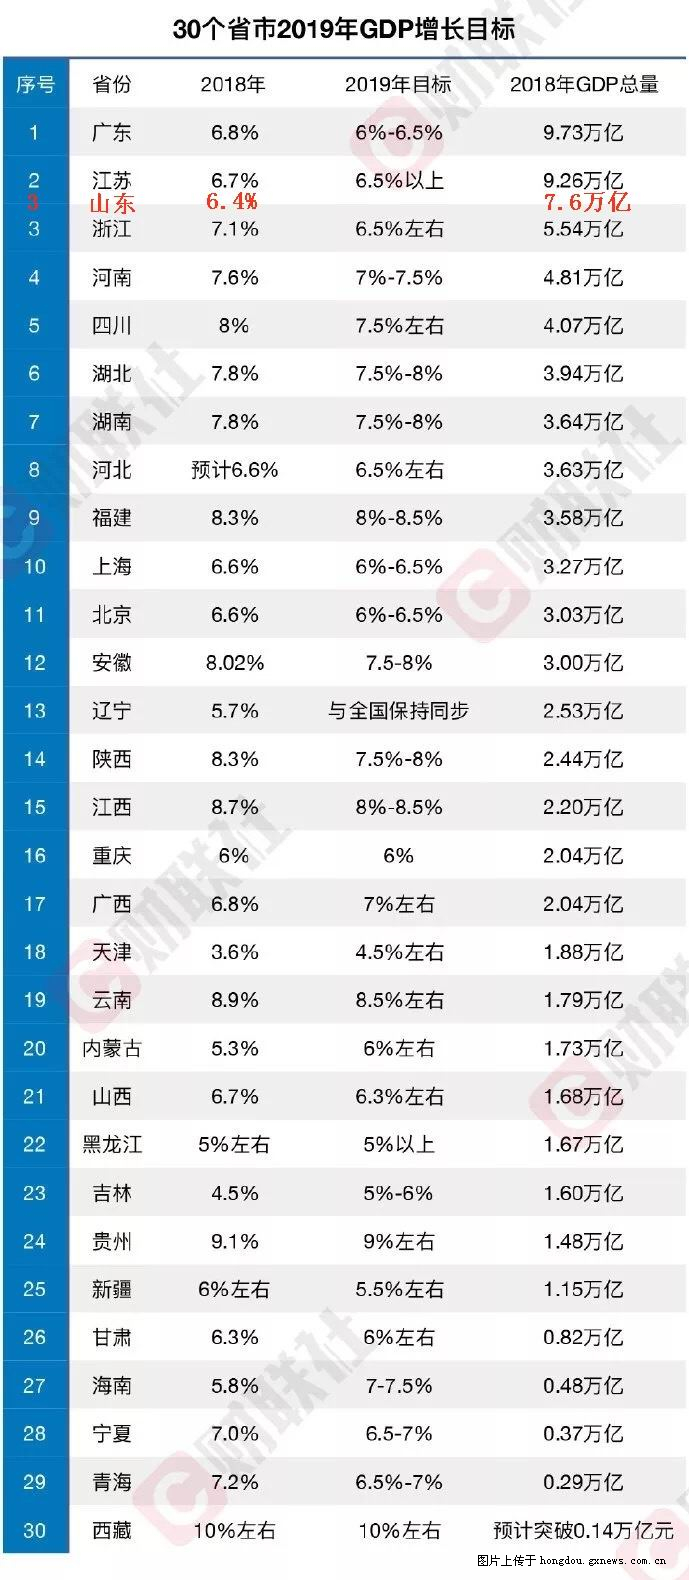 2021江苏建湖县人均gdp排名_2017年江苏省各市人均GDP排名